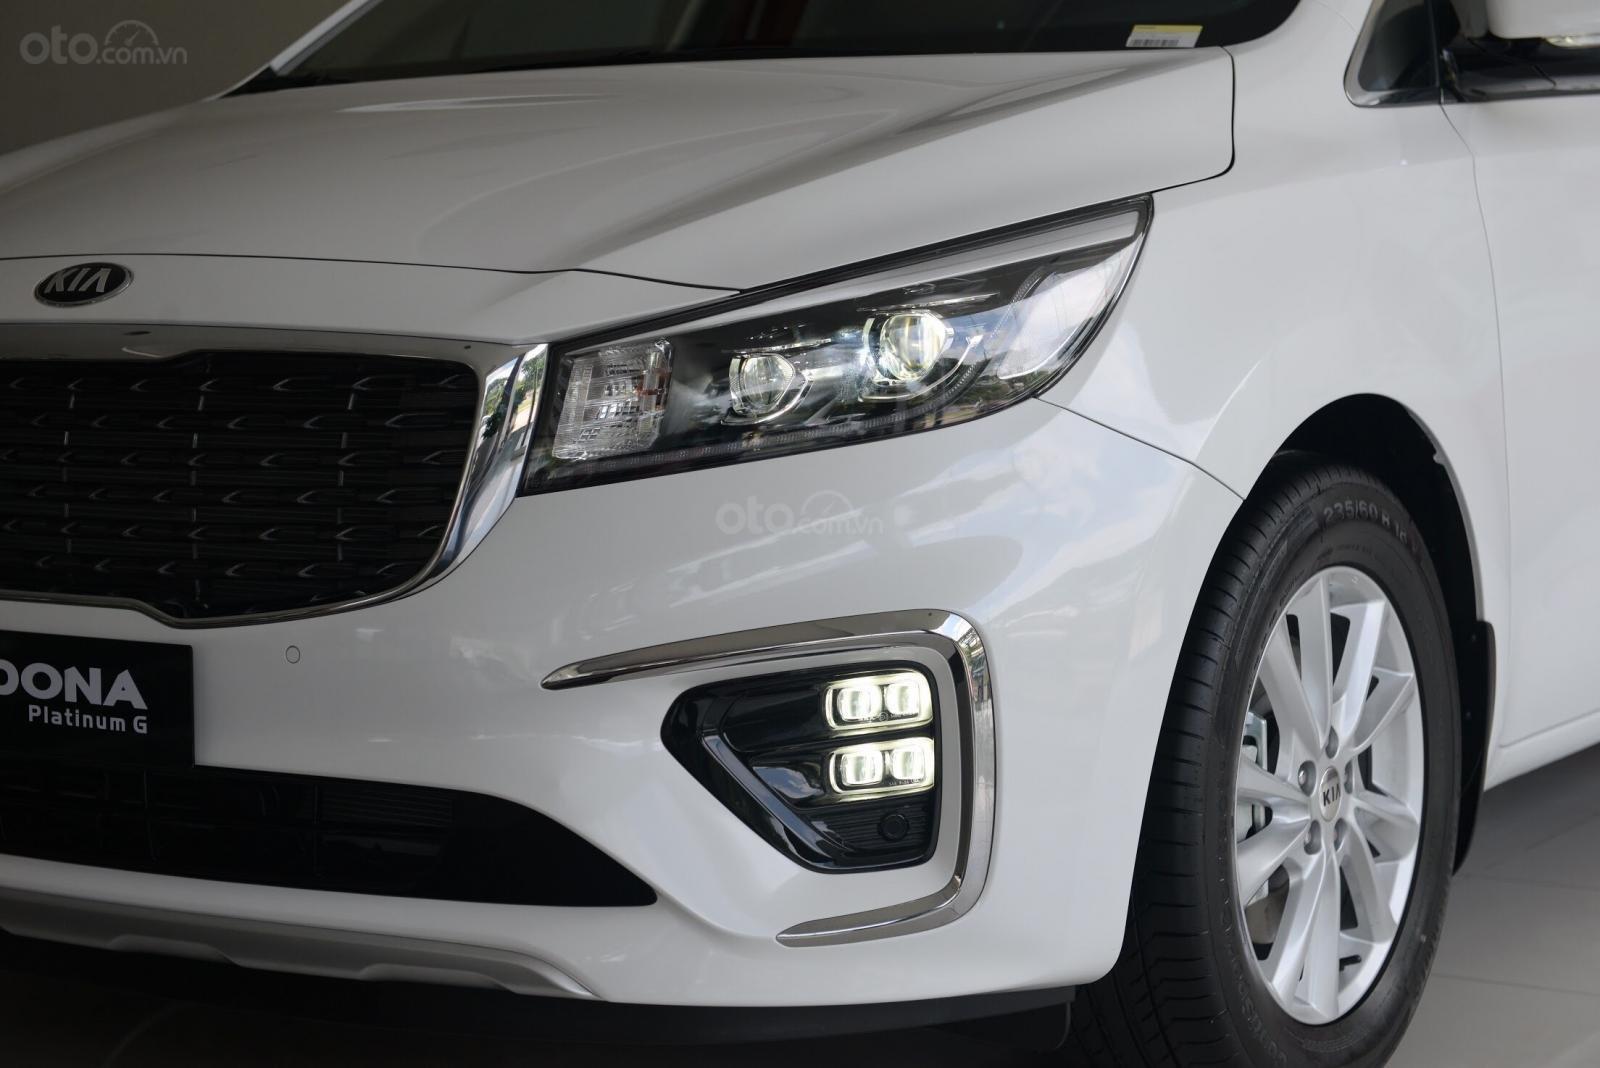 Bán Sedona 2019 - có xe giao tết, giảm ngay tiền mặt + quà tặng cuối năm - LH 0949 820 072-1